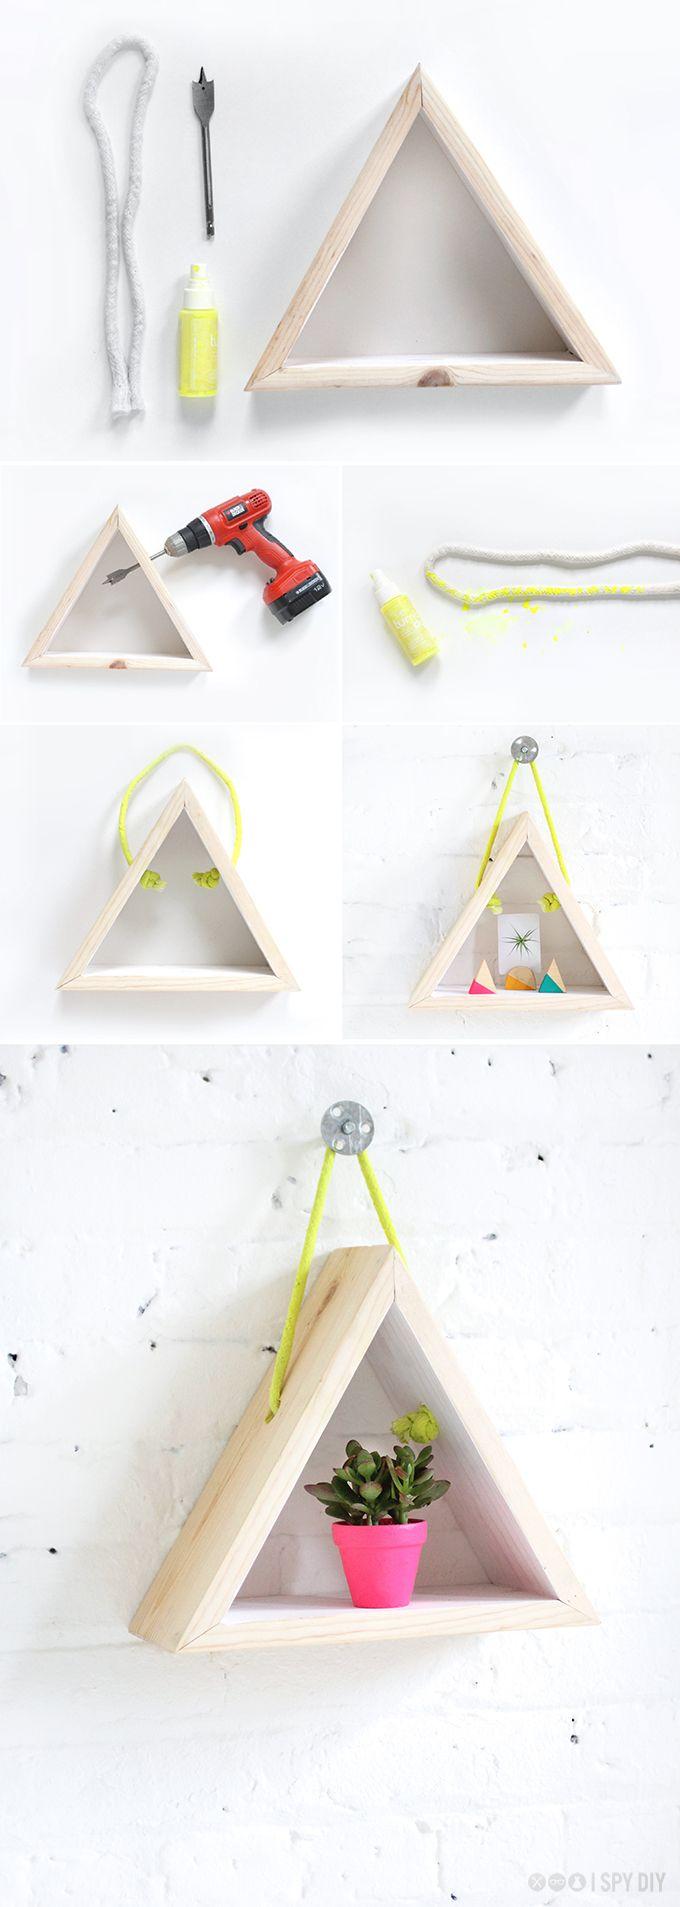 my diy hanging triangle shelf i spy diy decor hacks. Black Bedroom Furniture Sets. Home Design Ideas